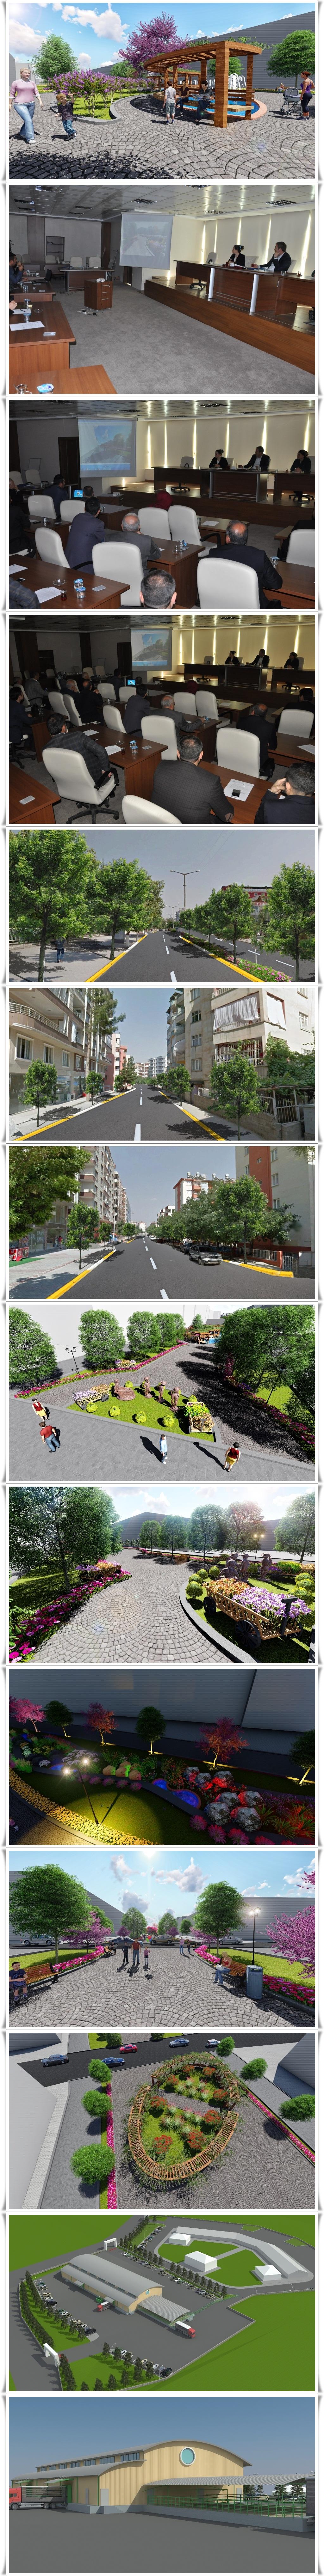 Siirt Belediyesinden Kentin Çehresini Değiştirecek 3 Yeni Proje (9)-vert